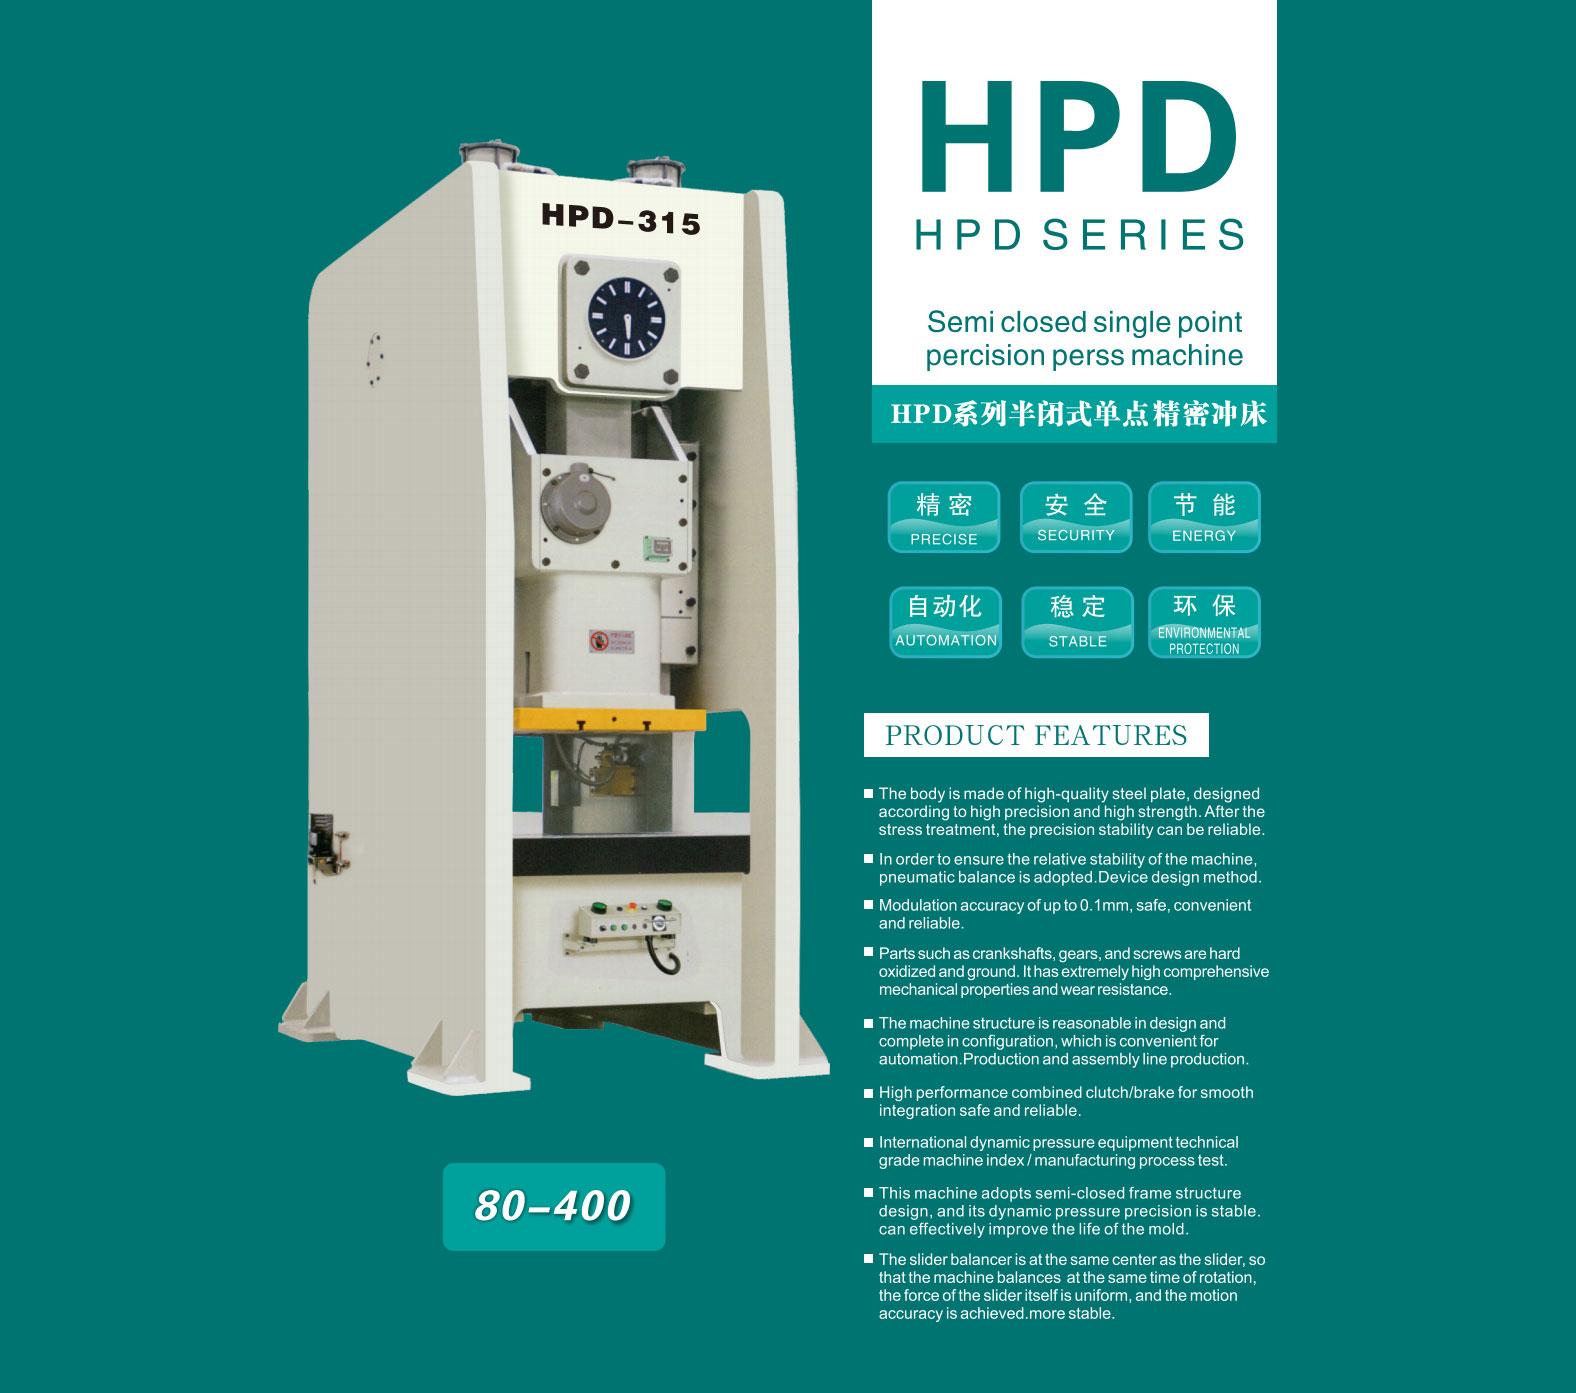 HPD-315